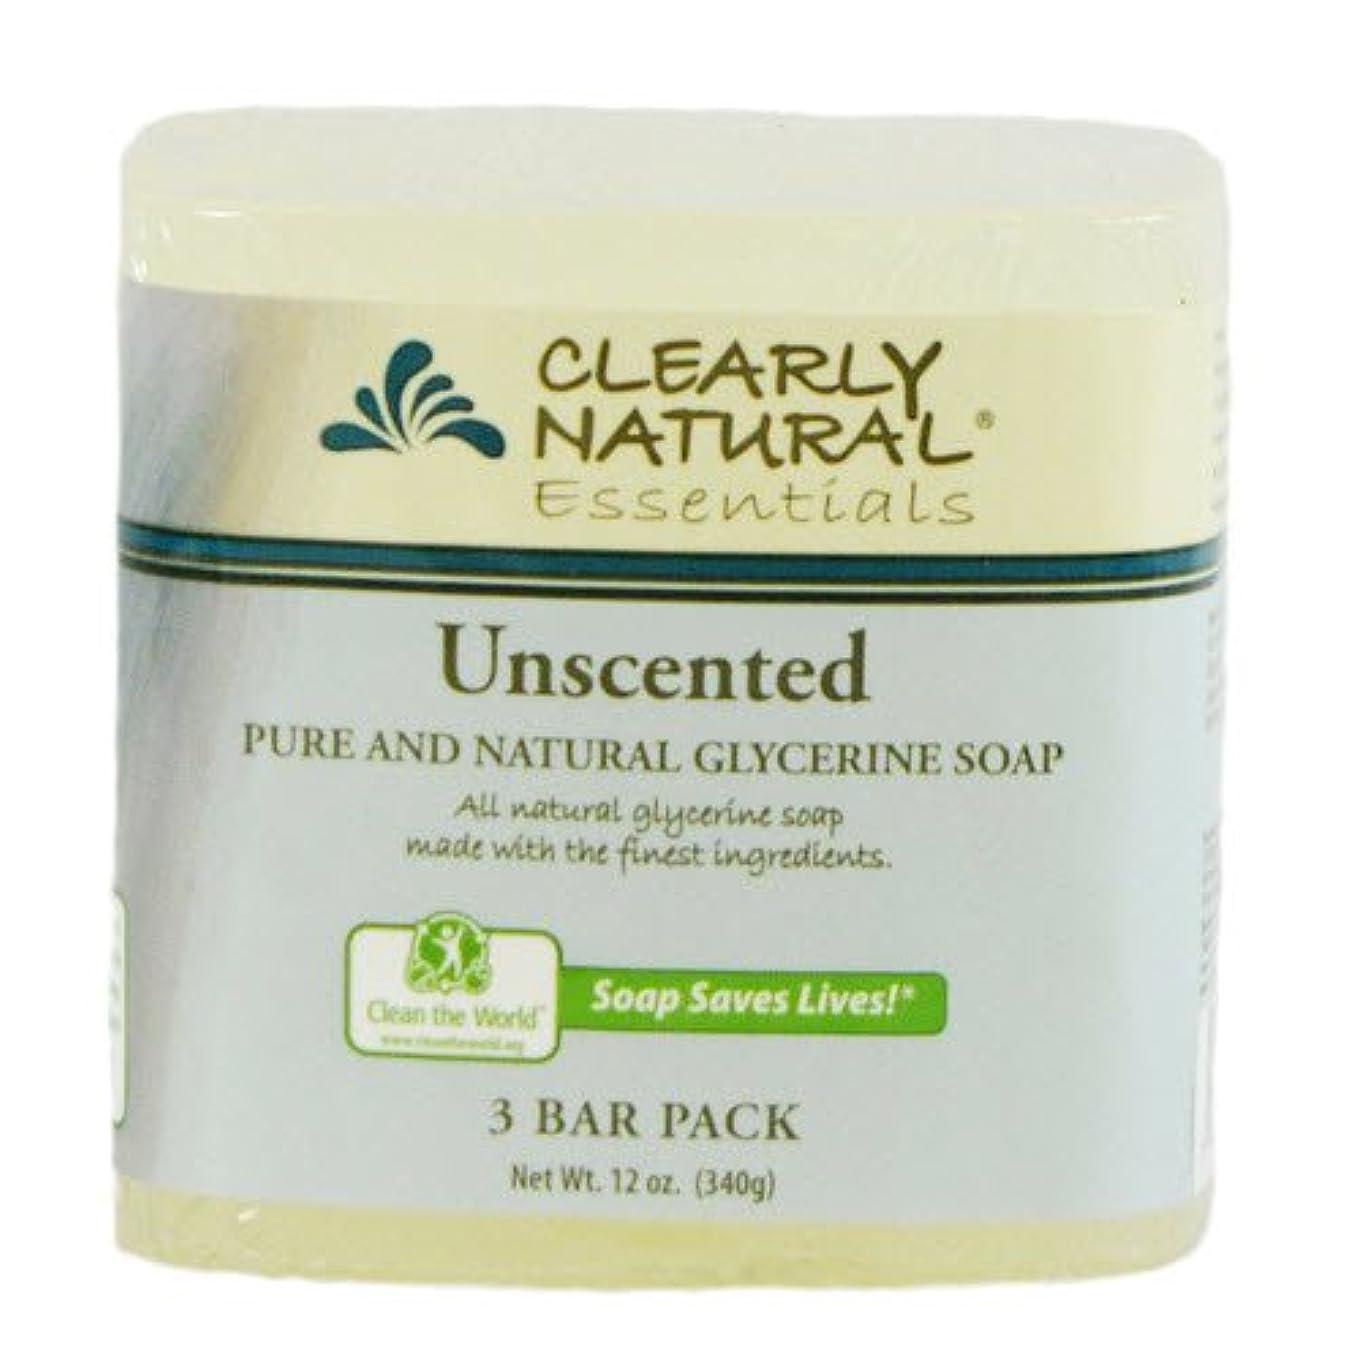 最近ビザ競争Clearly Natural, Pure and Natural Glycerine Soap, Unscented, 3 Bar Pack, 4 oz Each